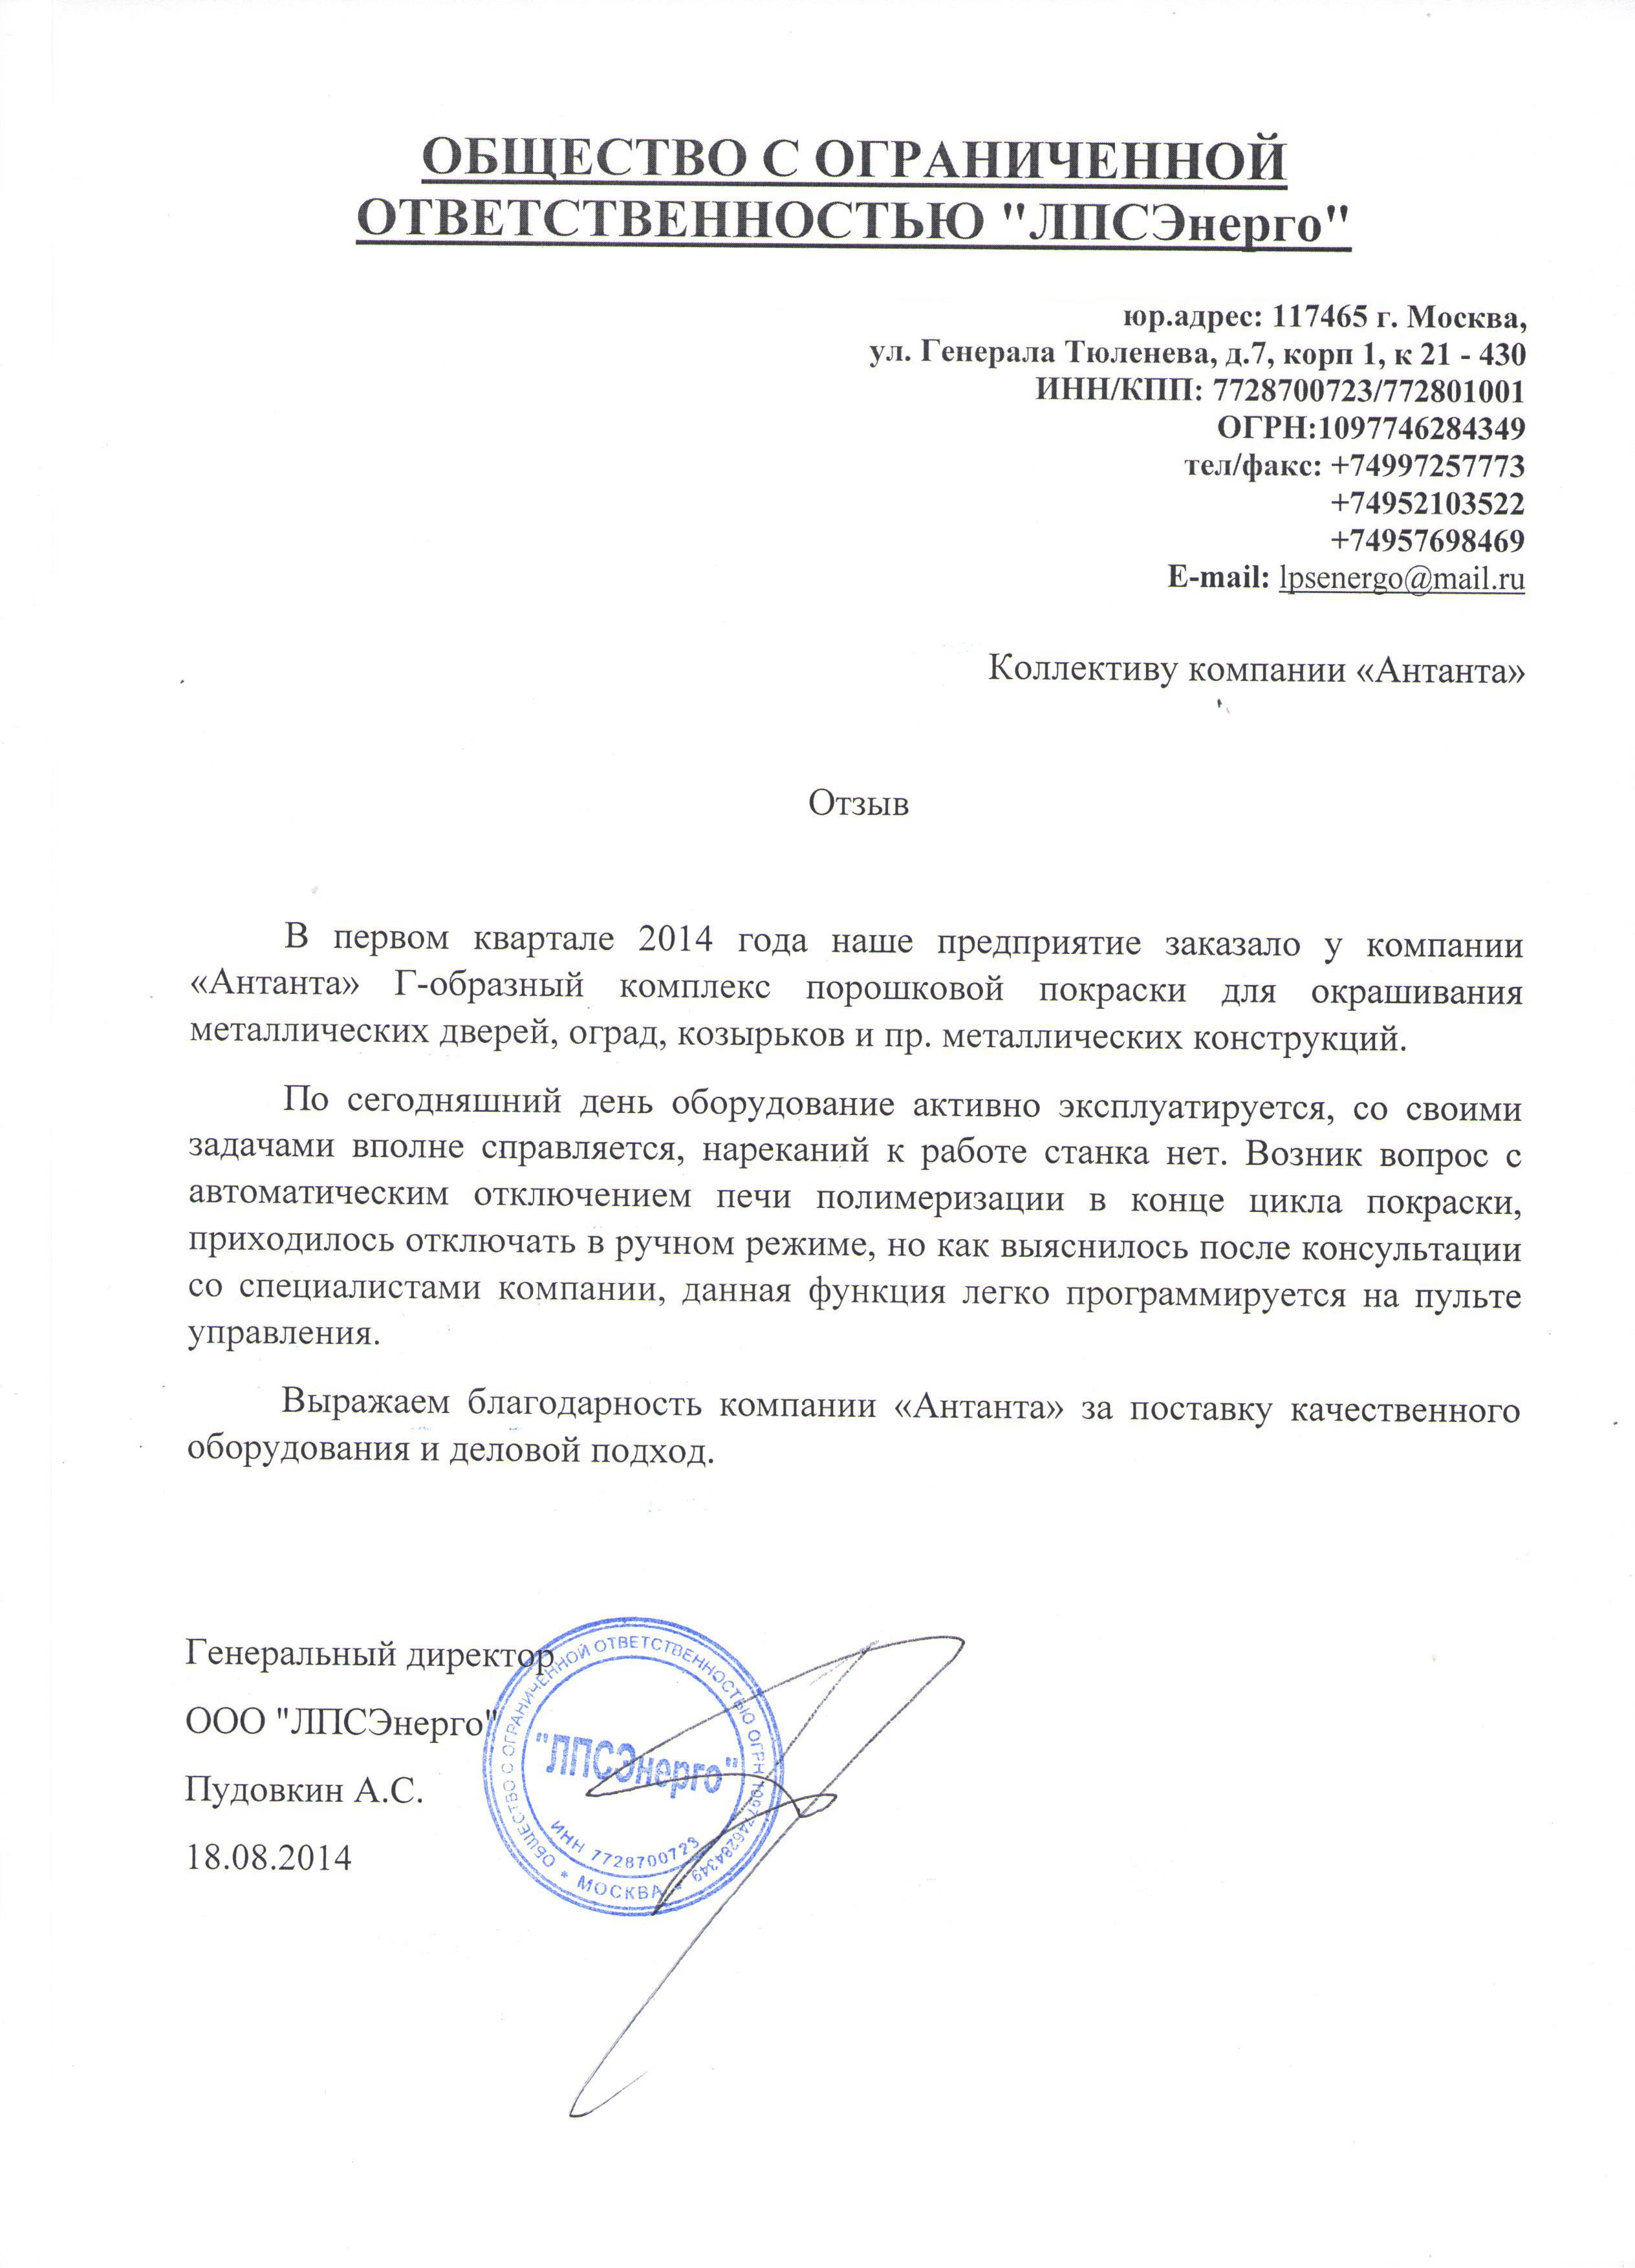 Отзыв от компании ООО ЛПСЭнерго